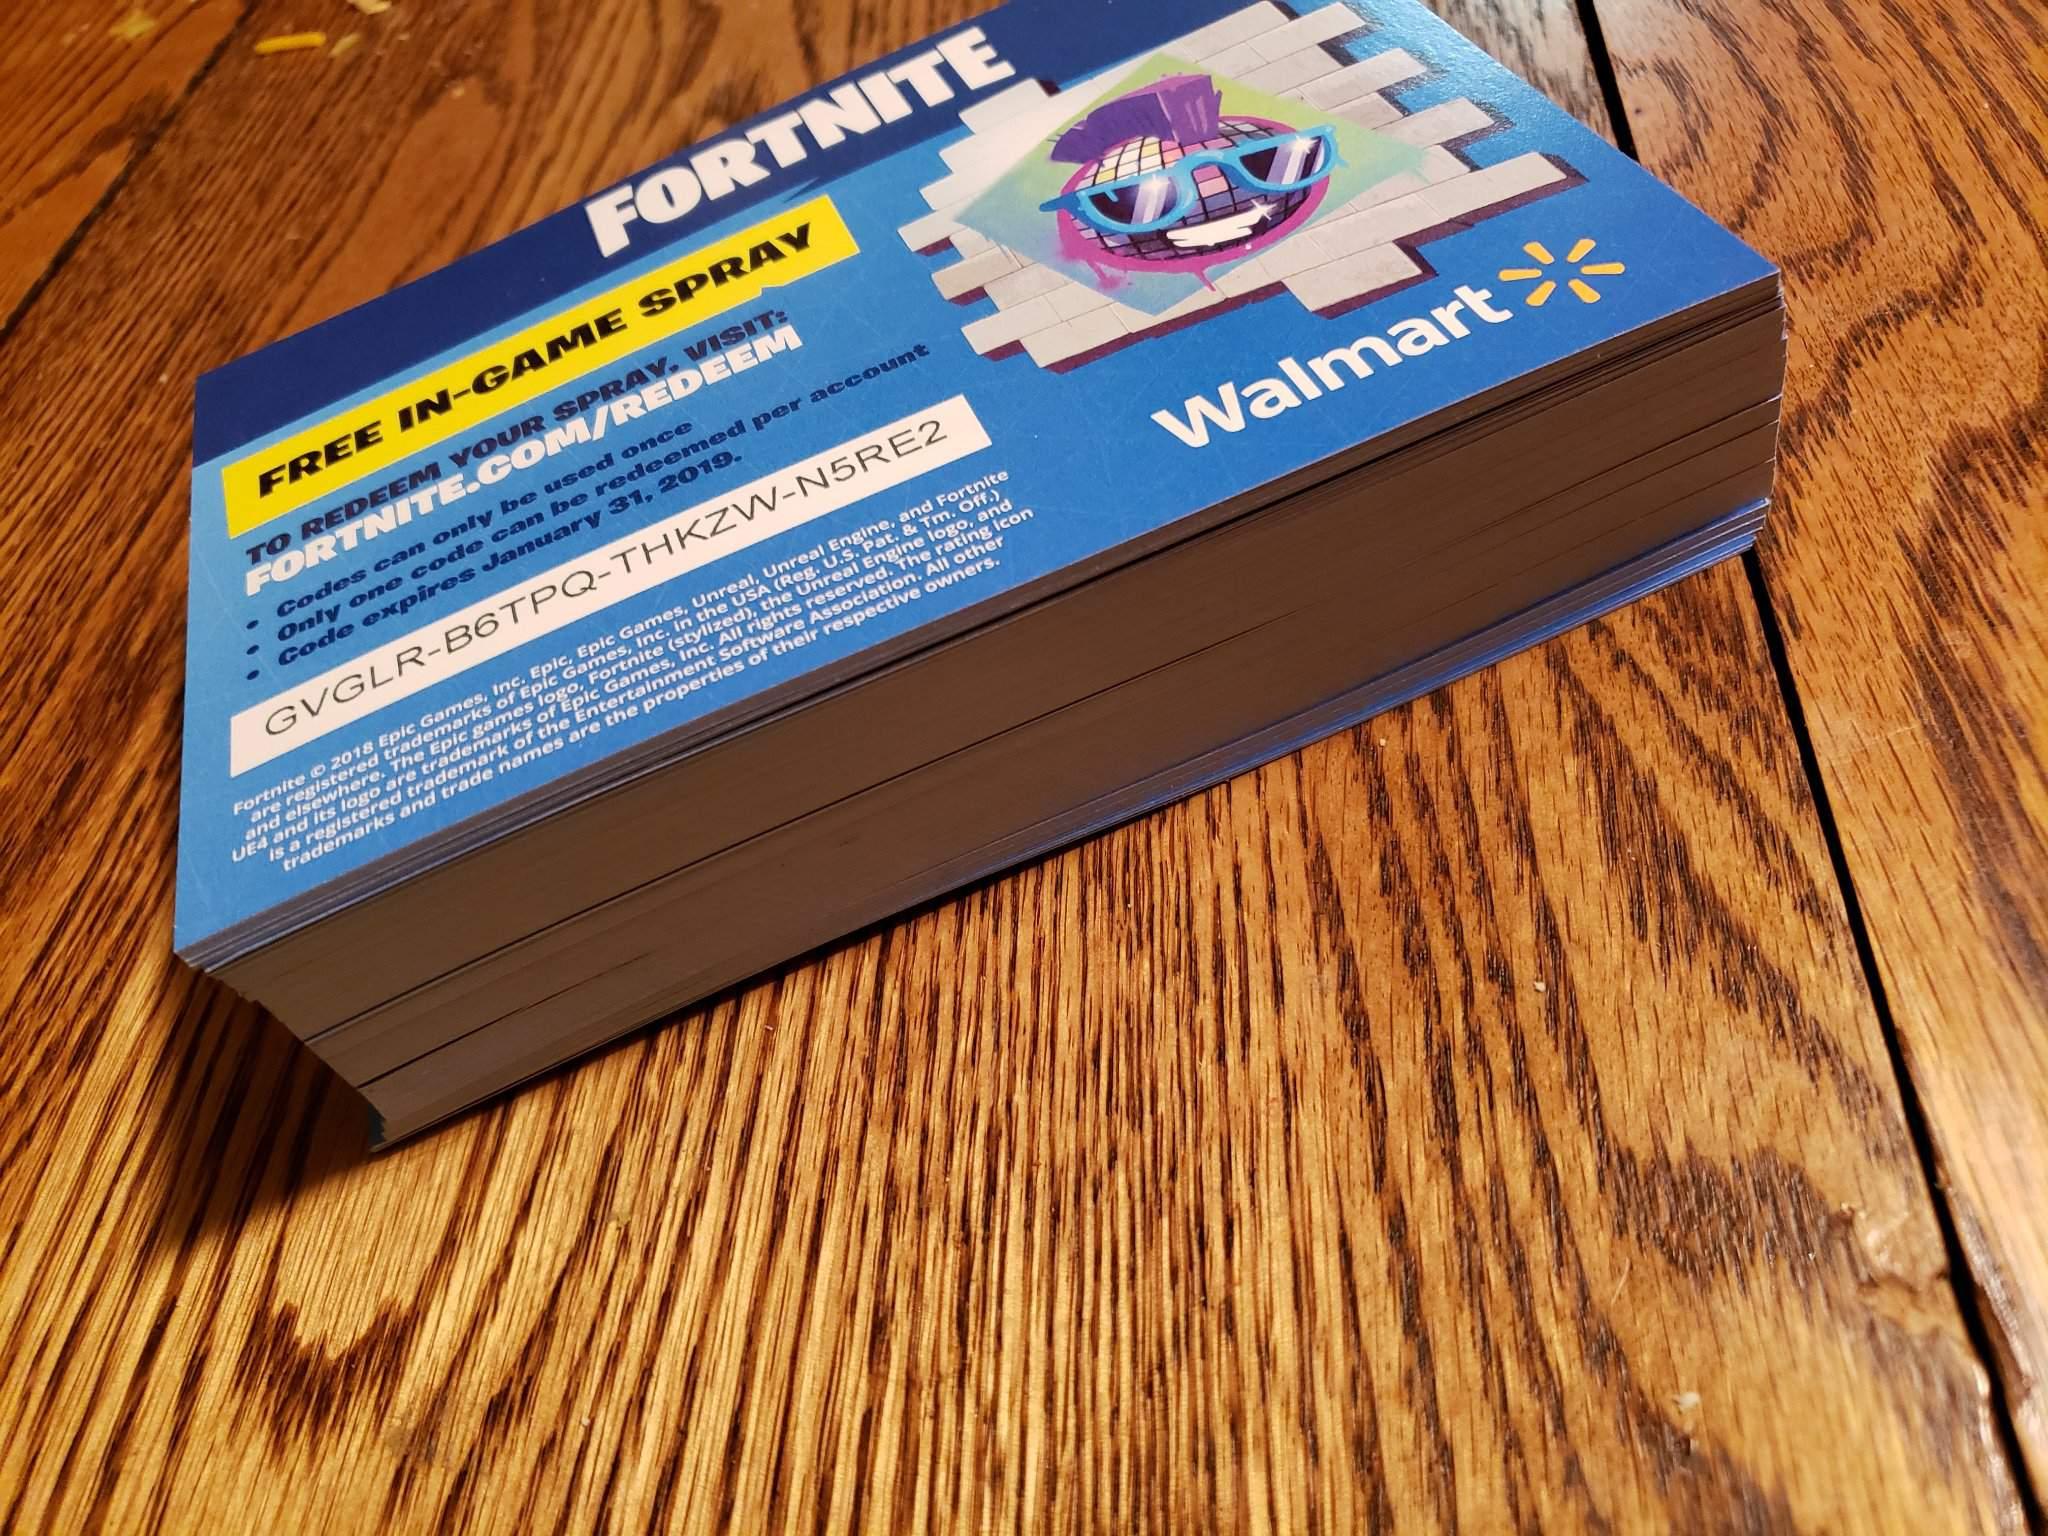 Fortnite Walmart Code Giveaway Dm For A Code Fortnite